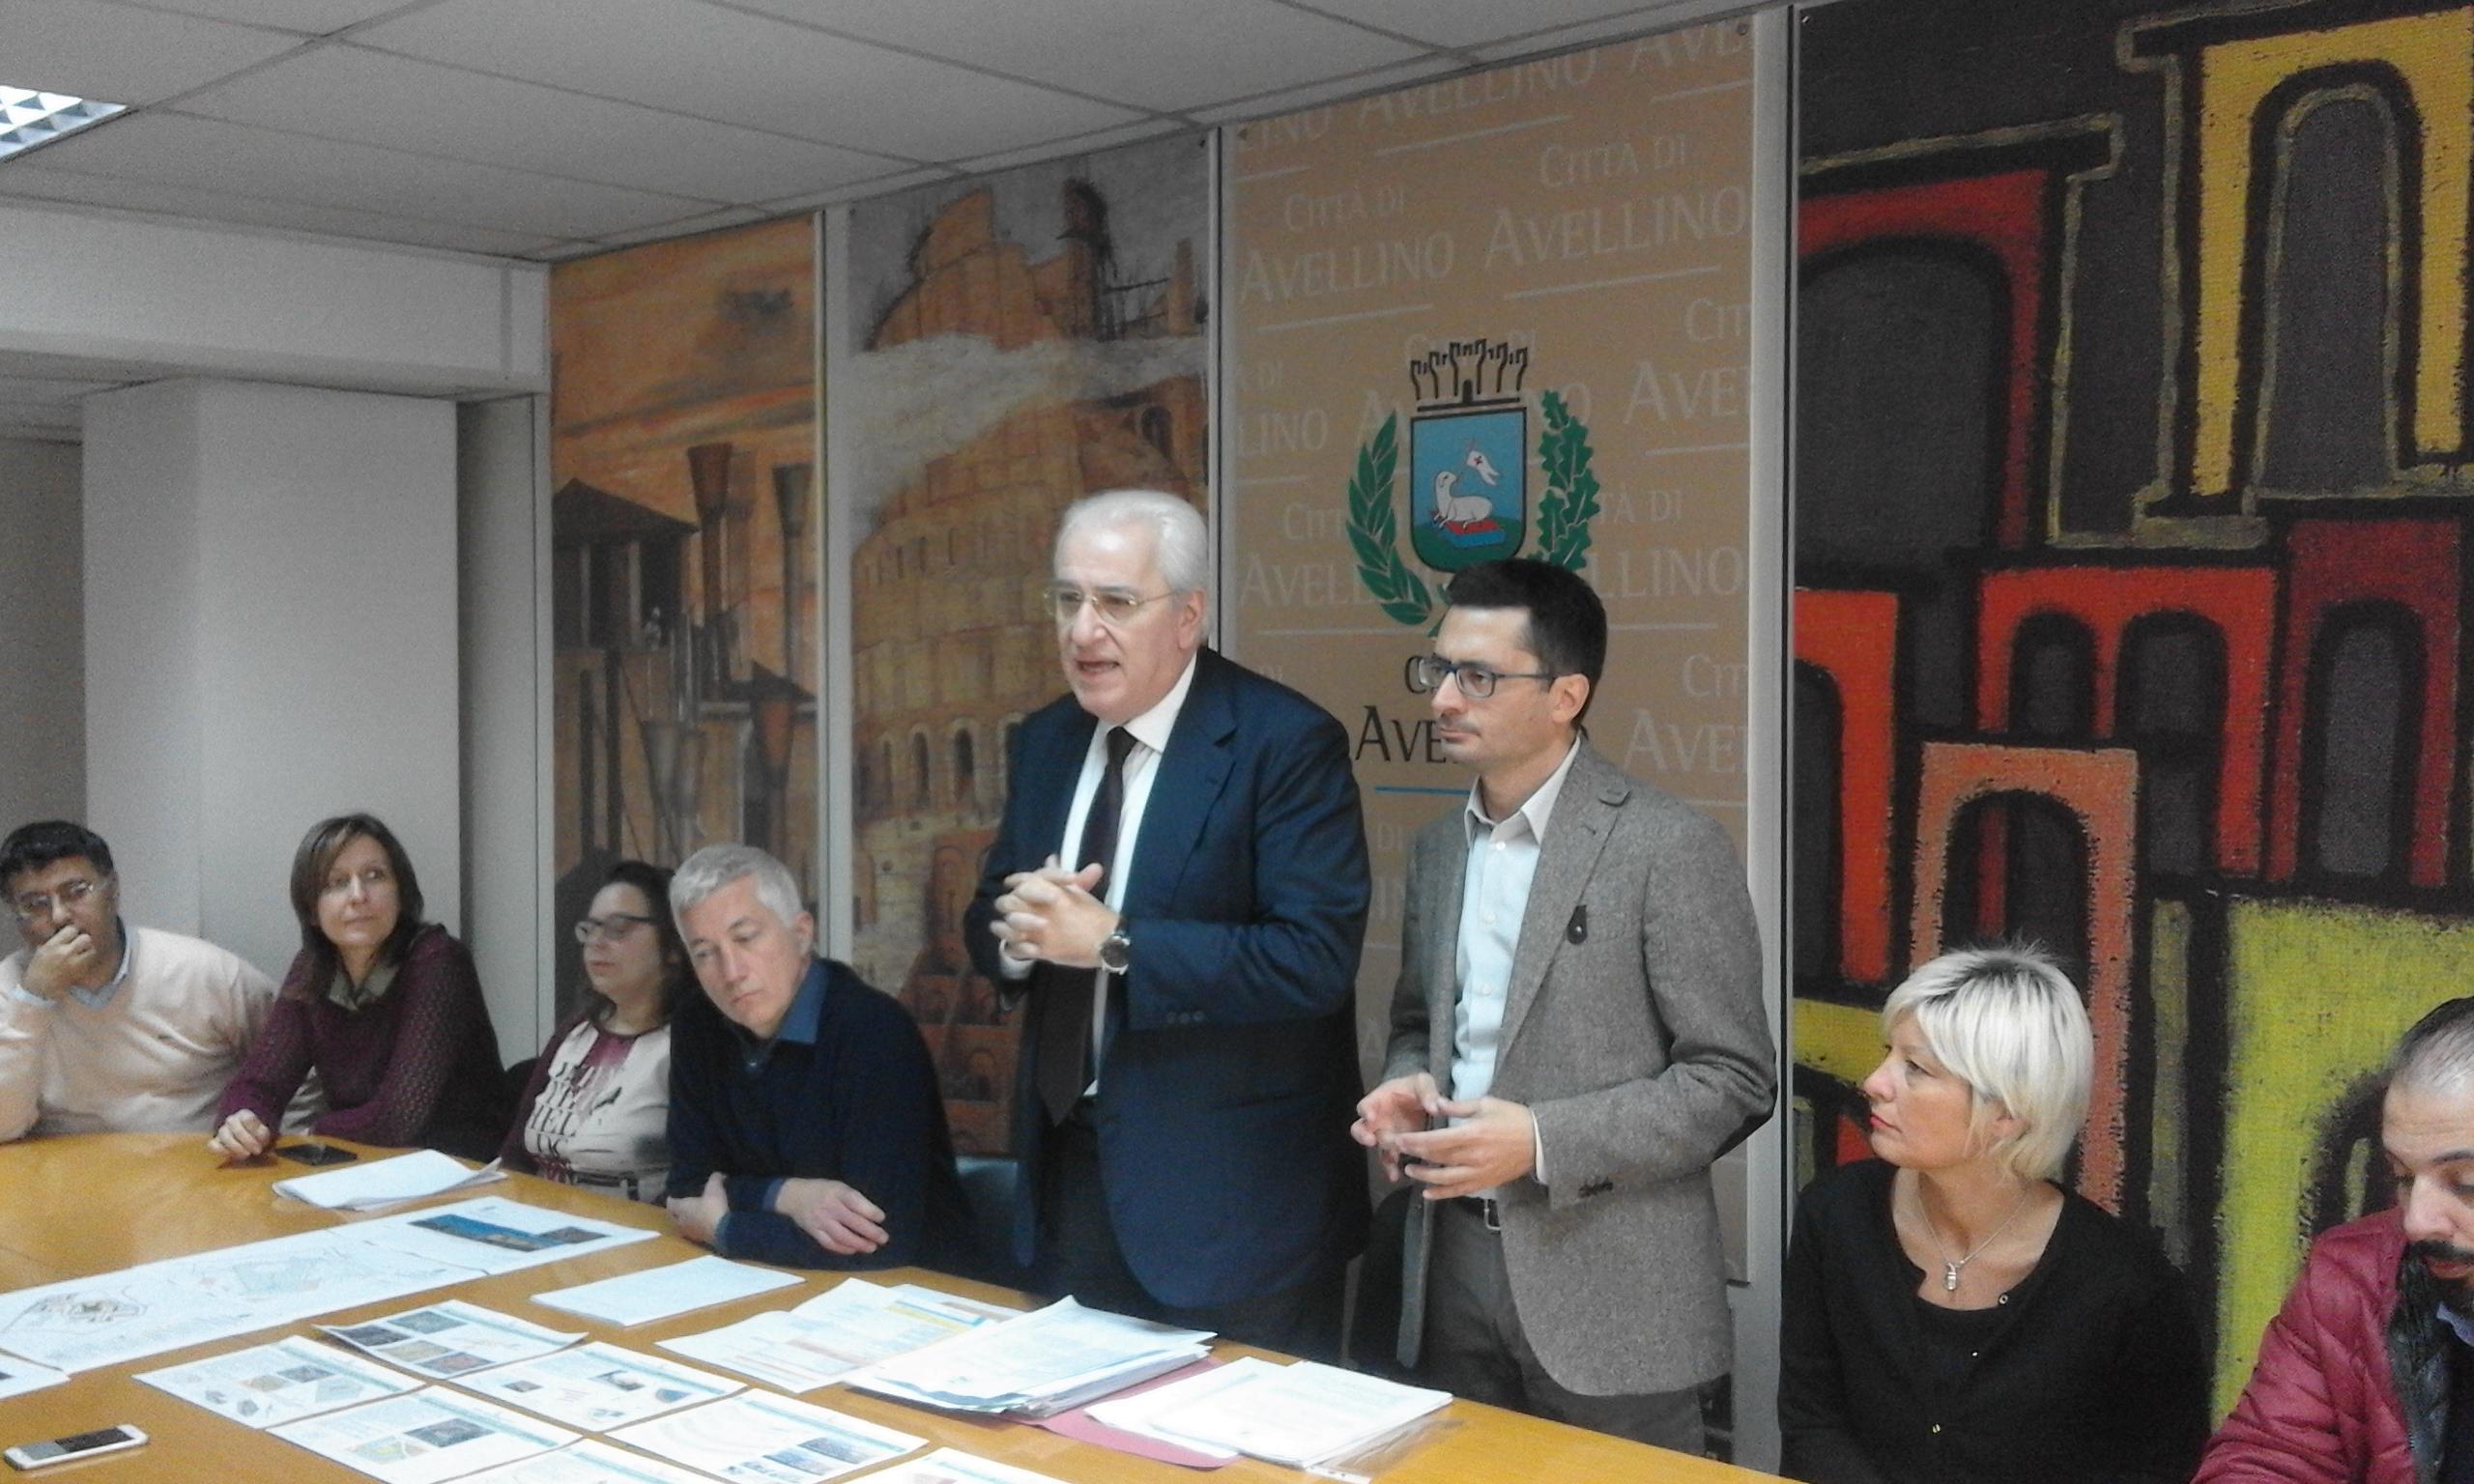 Avellino| Il sindaco Foti resta in sella. Al momento